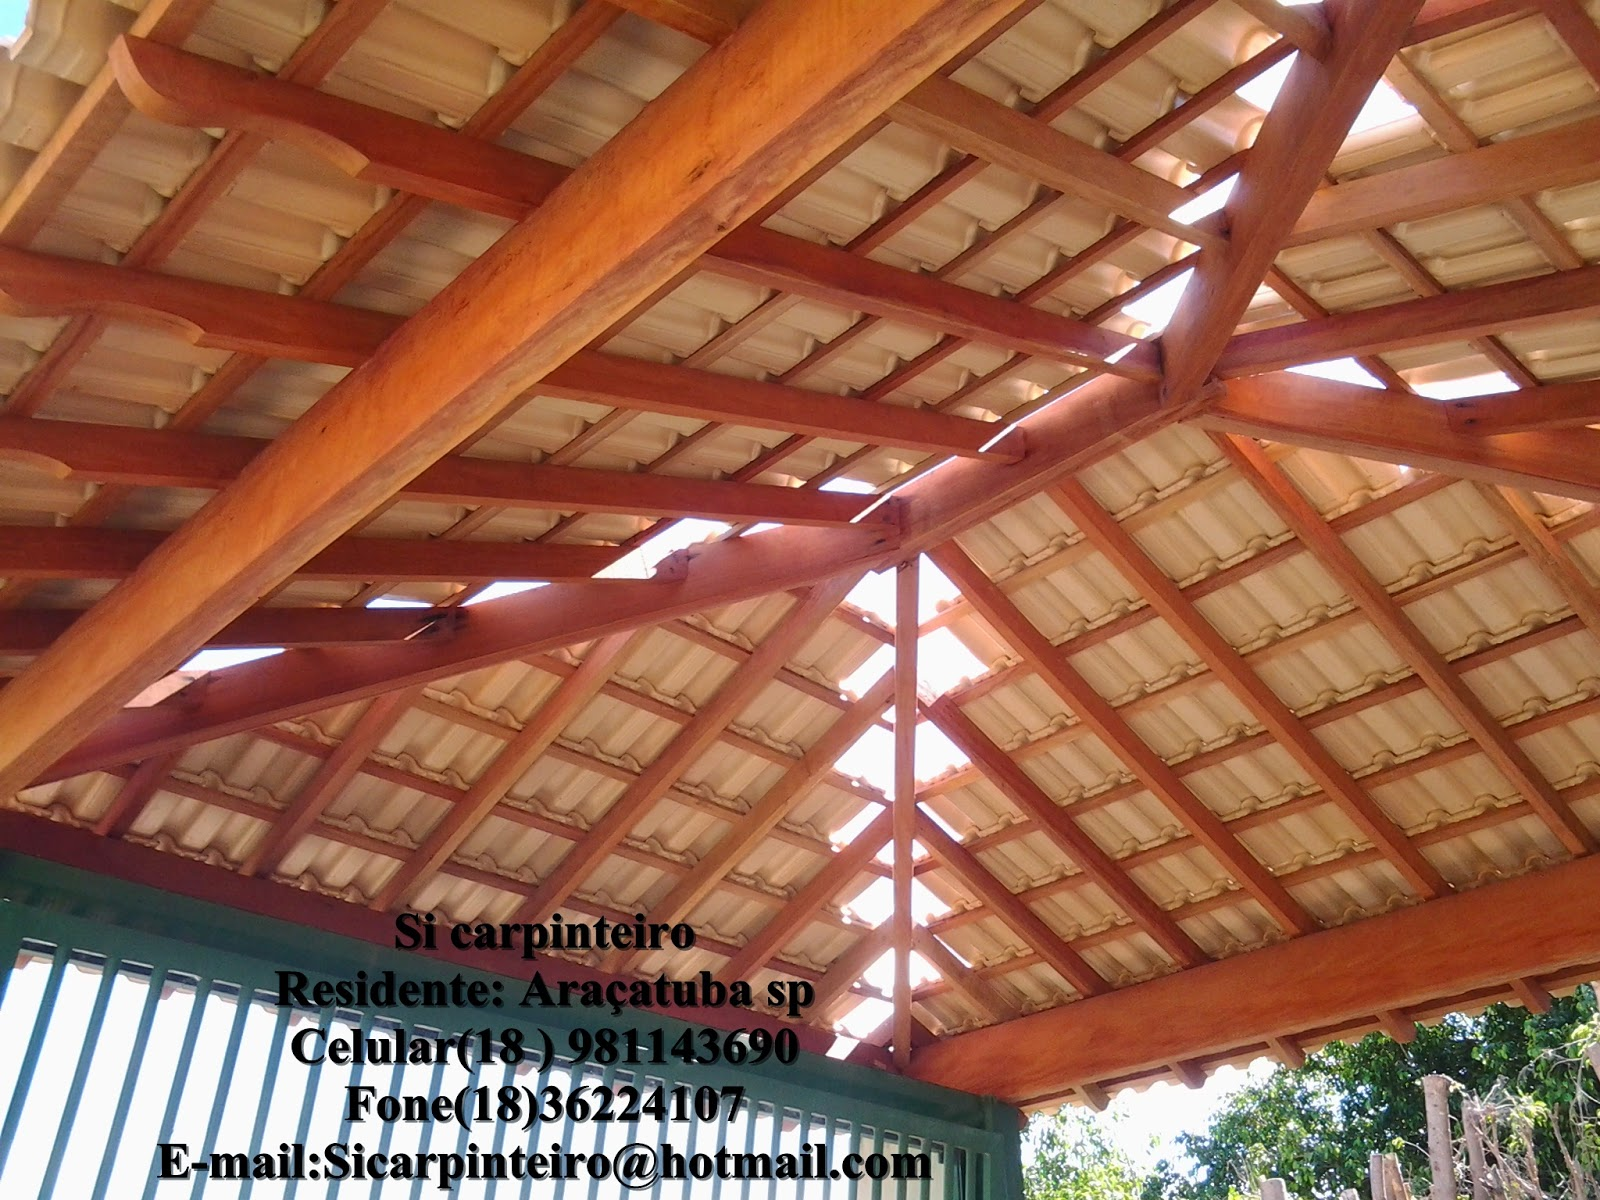 Si Carpinteiro Telhado Quatro 225 Guas Suspenso